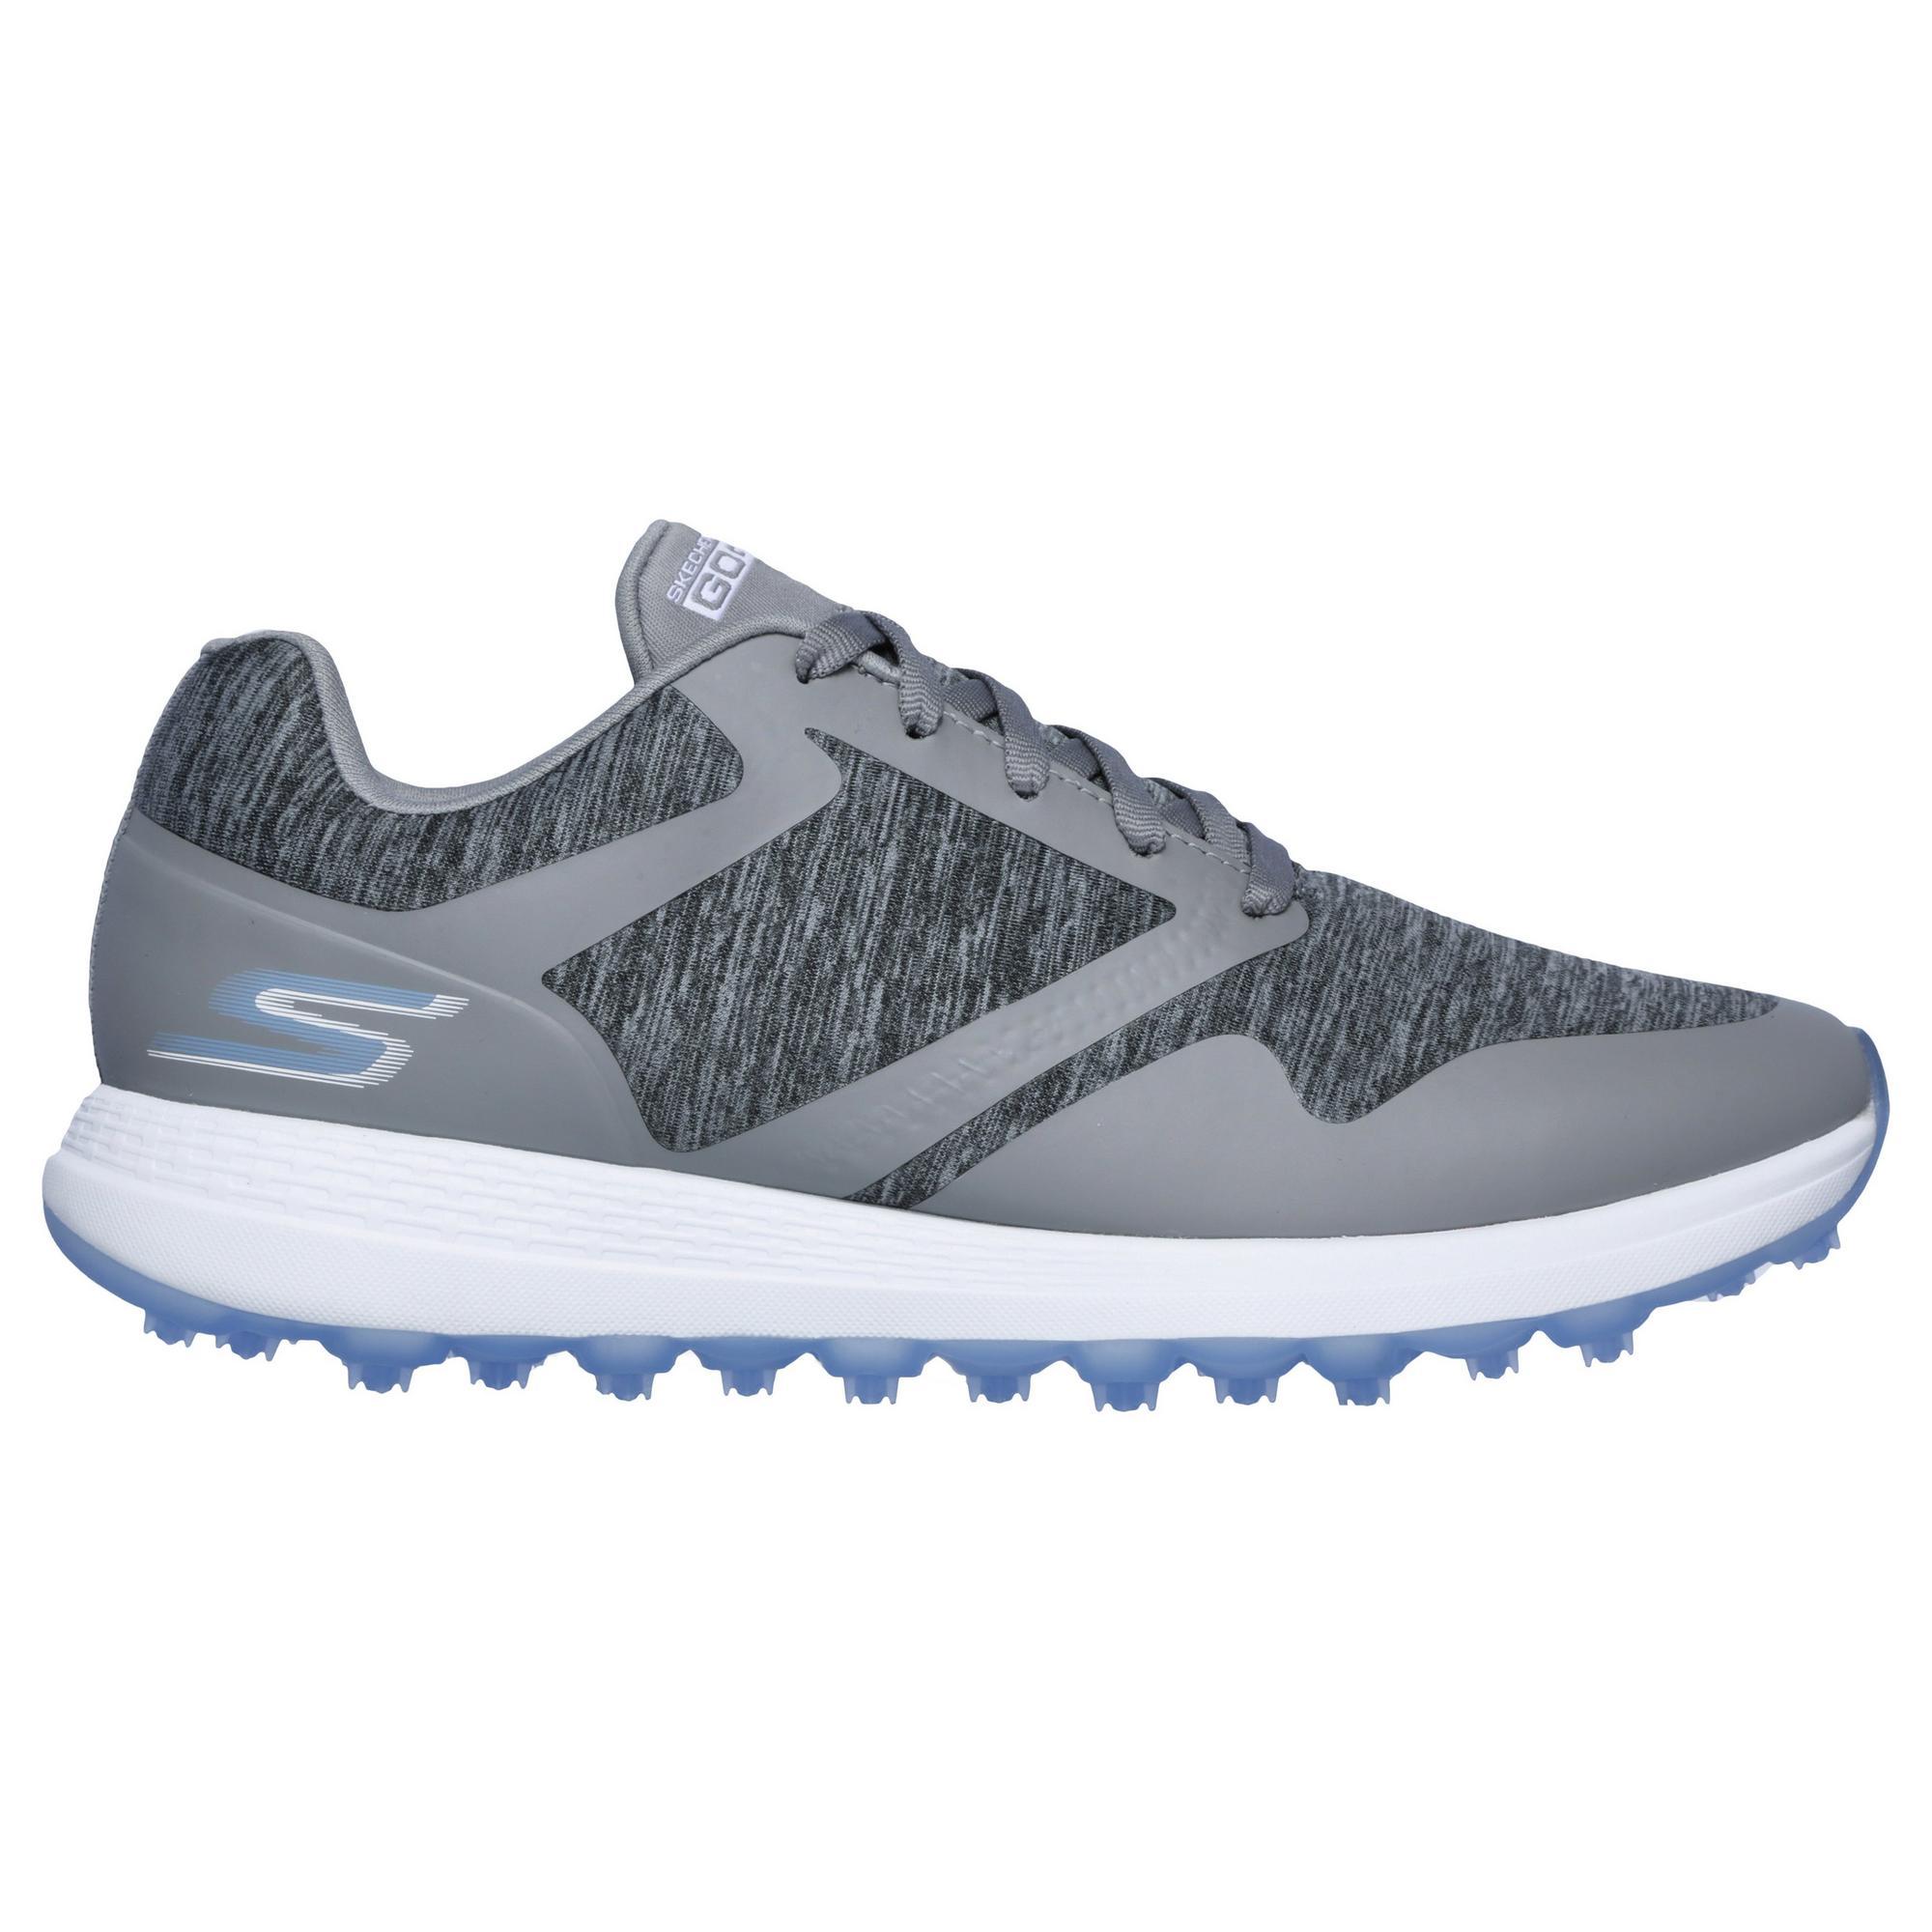 Women's Go Golf Max Cut Spikeless Golf Shoe - GREY/BLUE